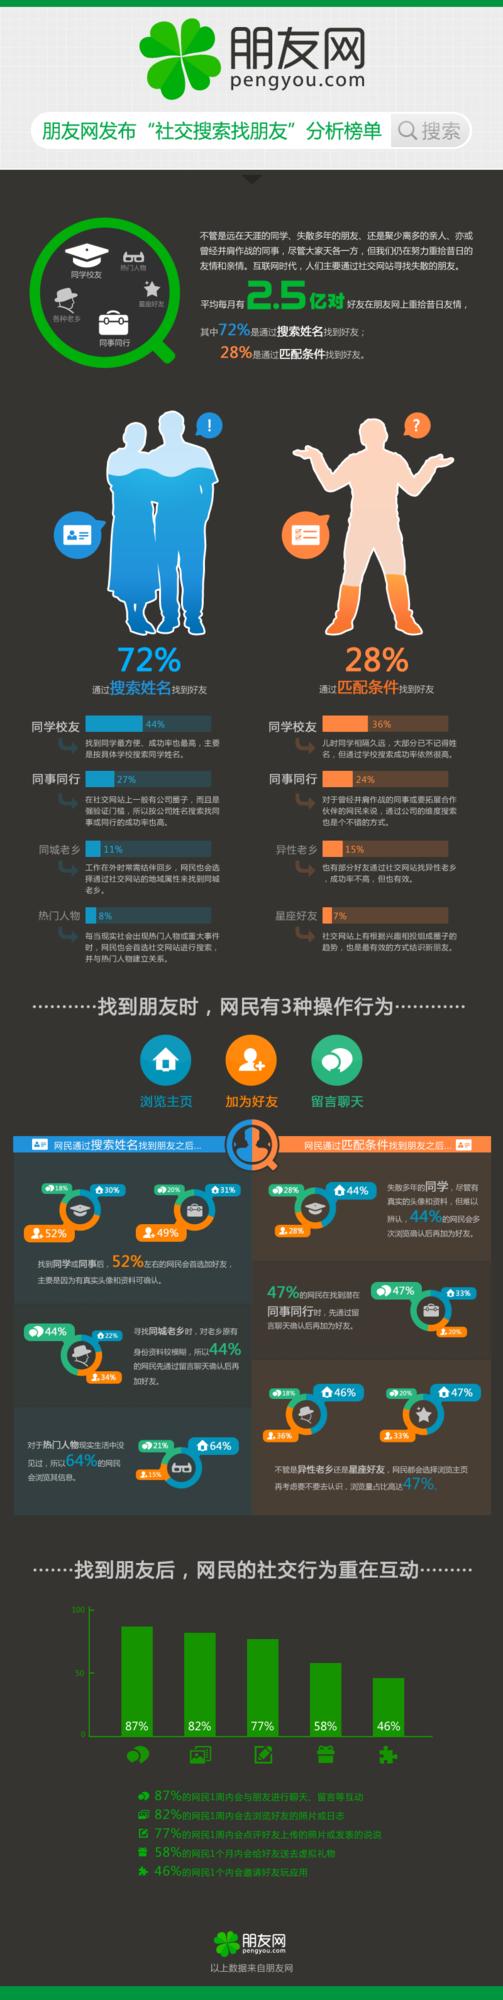 """朋友网发布""""社交搜索找朋友""""榜单(图)"""